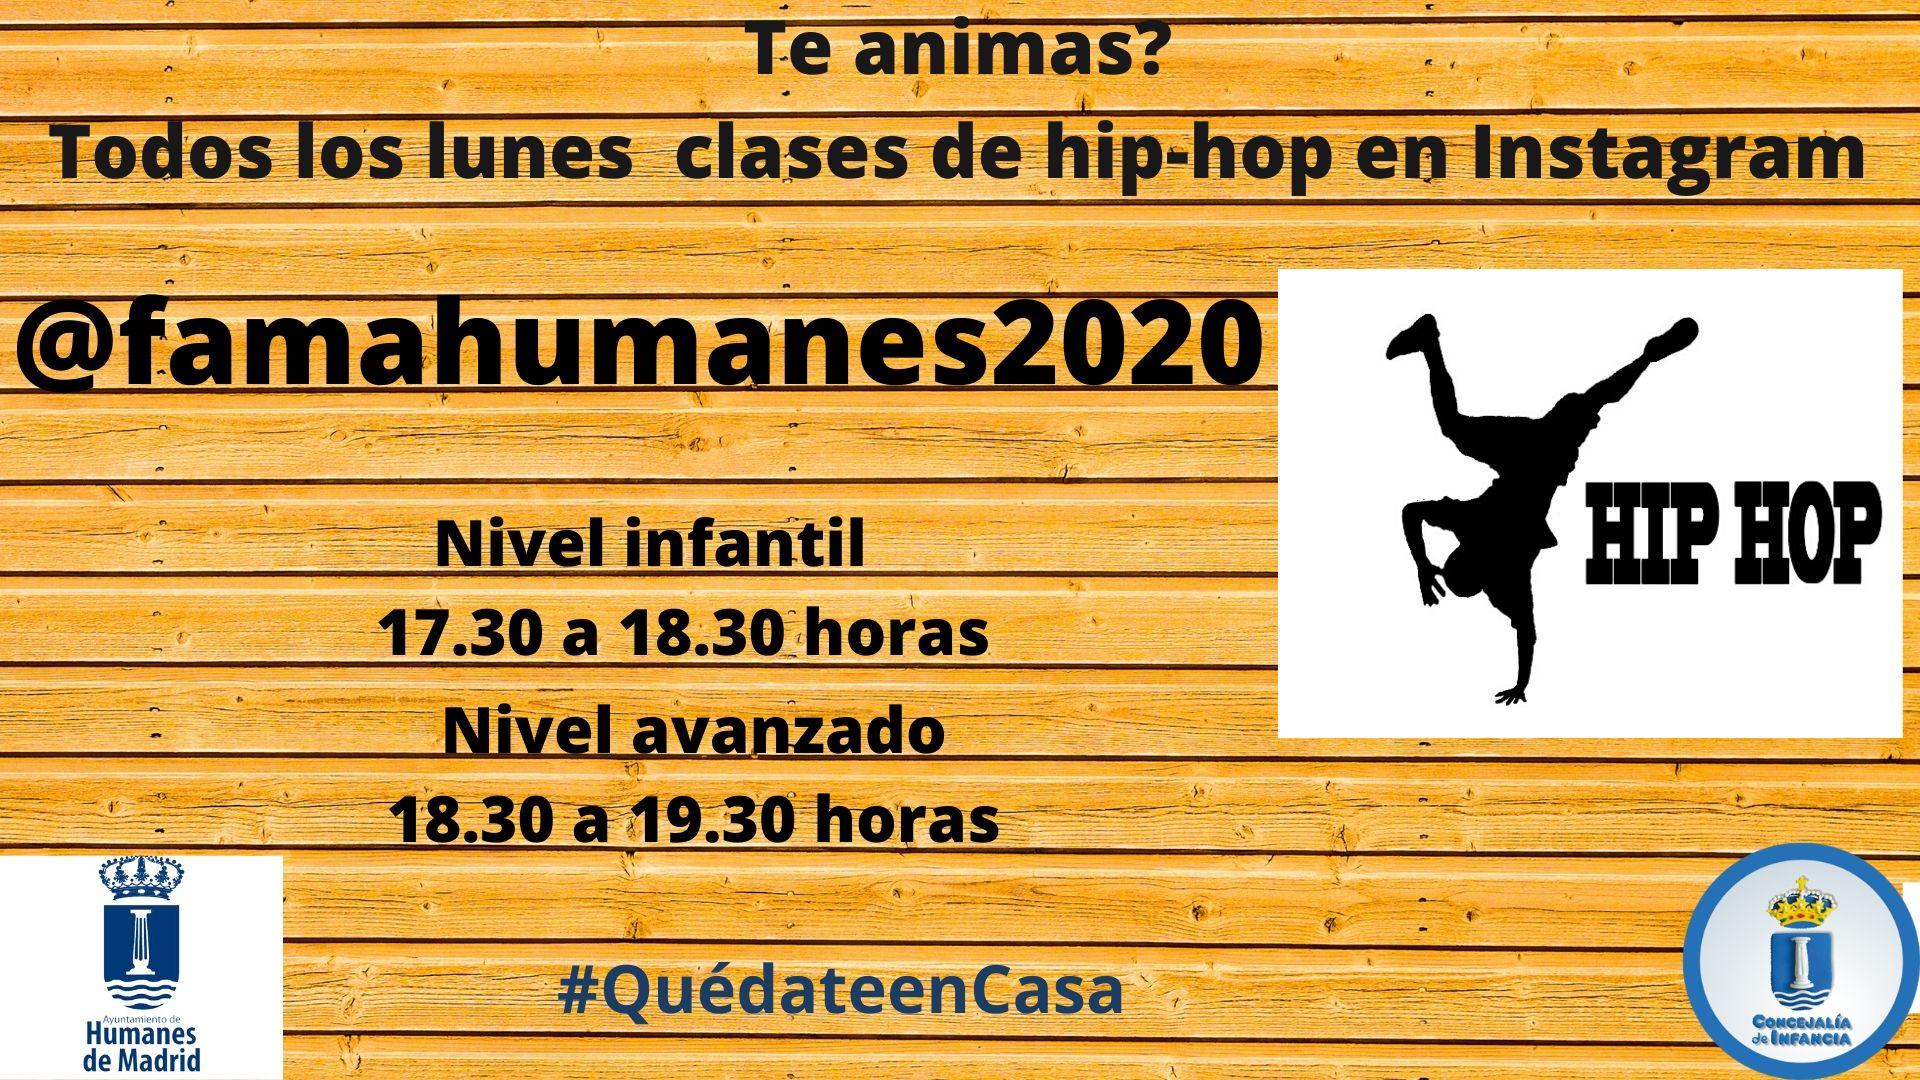 Infancia te propone todos los lunes clases de hip-hop en su canal de Instagram: @famahumanes2020